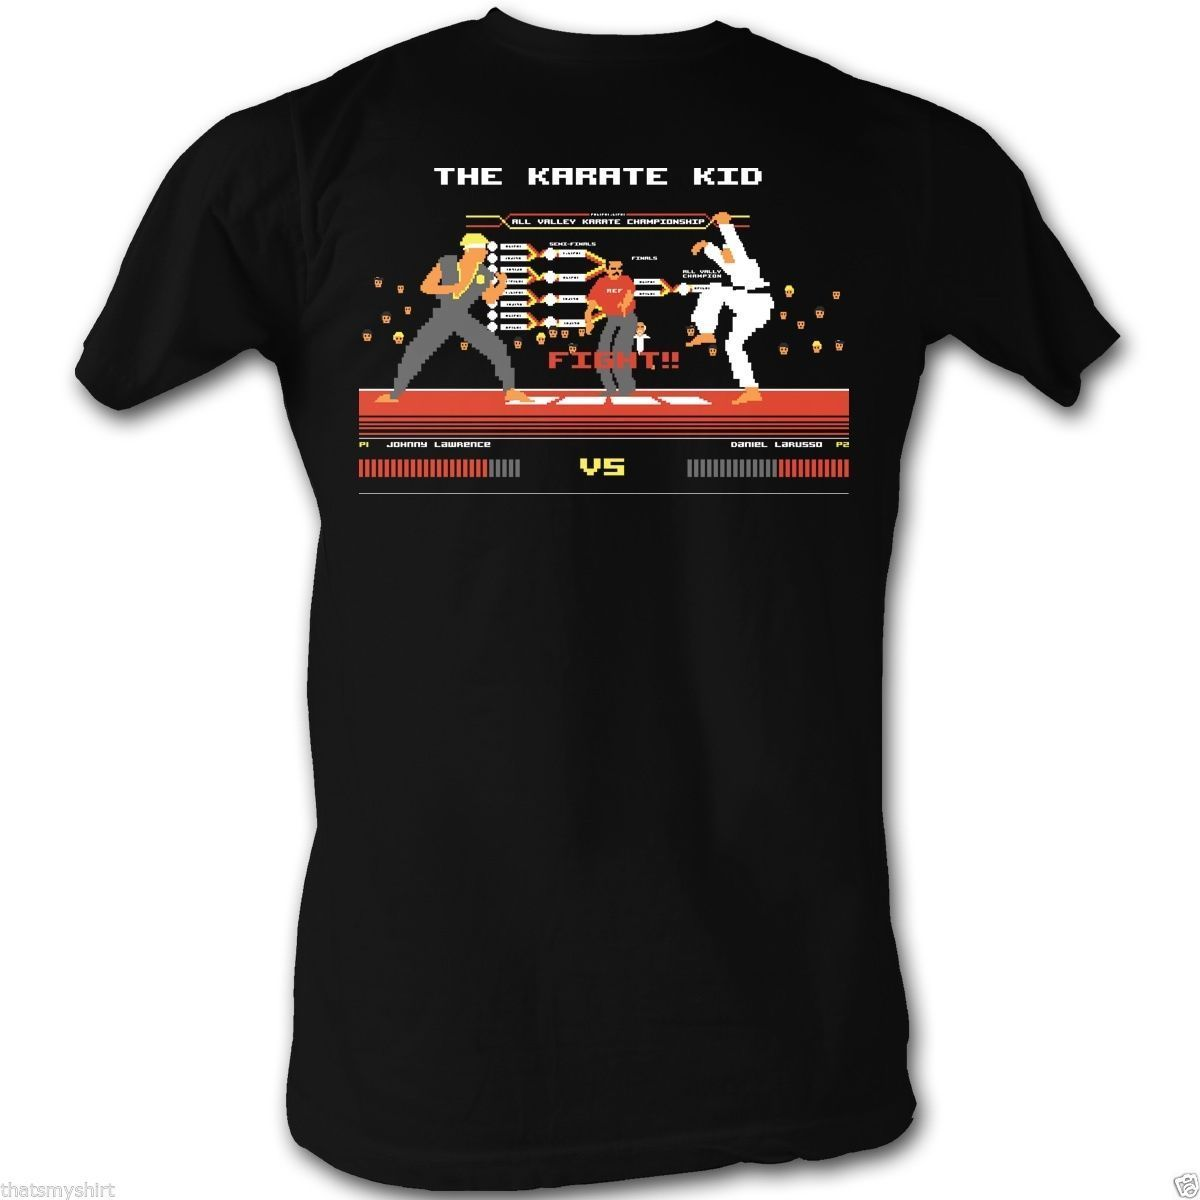 Футболки для женщин Размеры S S-3XL каратэ малыш бит бороться сцены Champ футболка Новые 2018 Для мужчин футболка Модный Топ Футболка плюс размеры